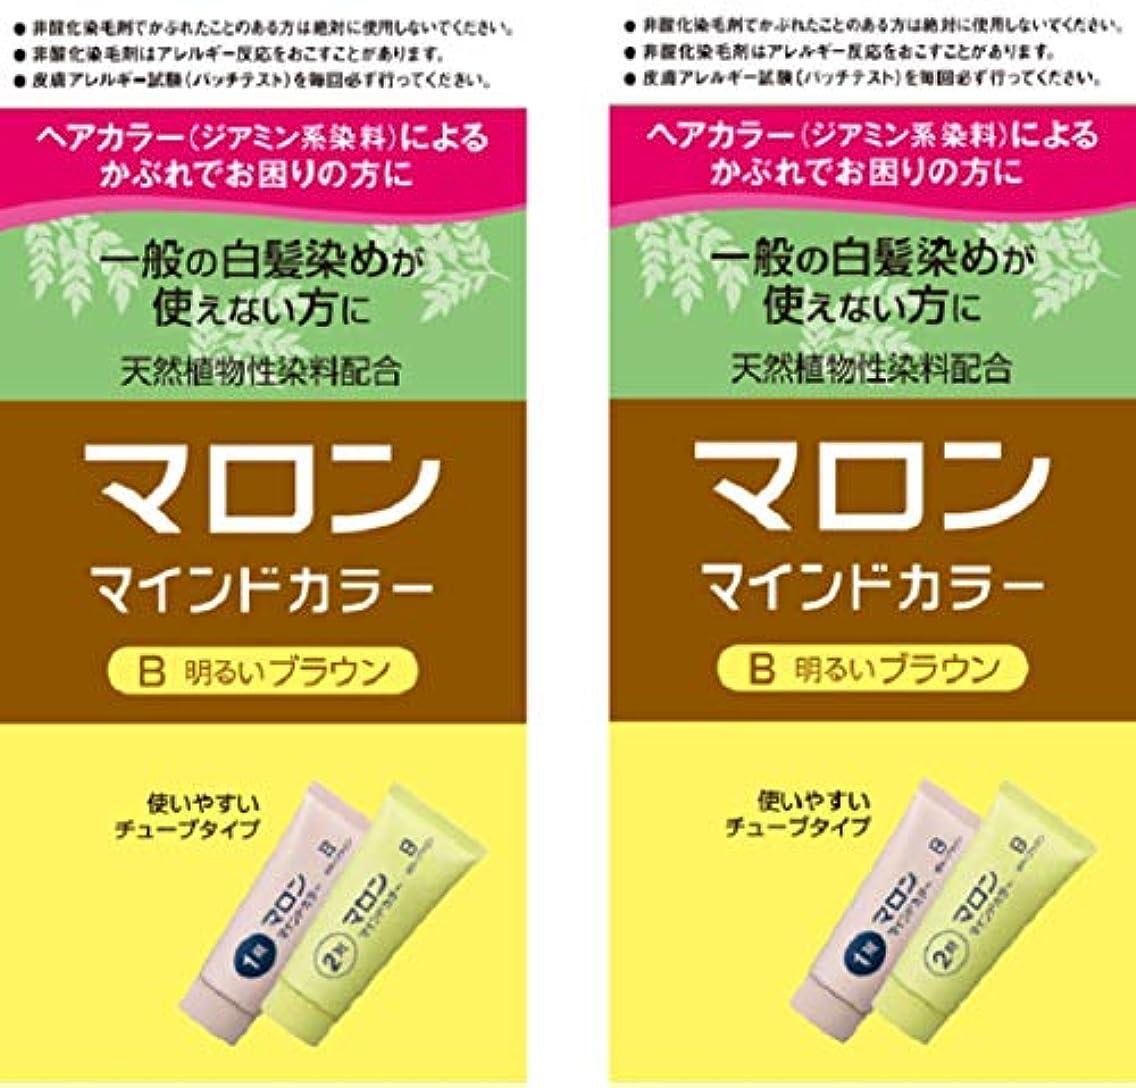 些細な持っている学部長【Amazon.co.jp限定】 マロンマインドカラーB明るいブラウン 2個パックおまけ付き[医薬部外品] ヘアカラー セット (70g+70g)×2+おまけ